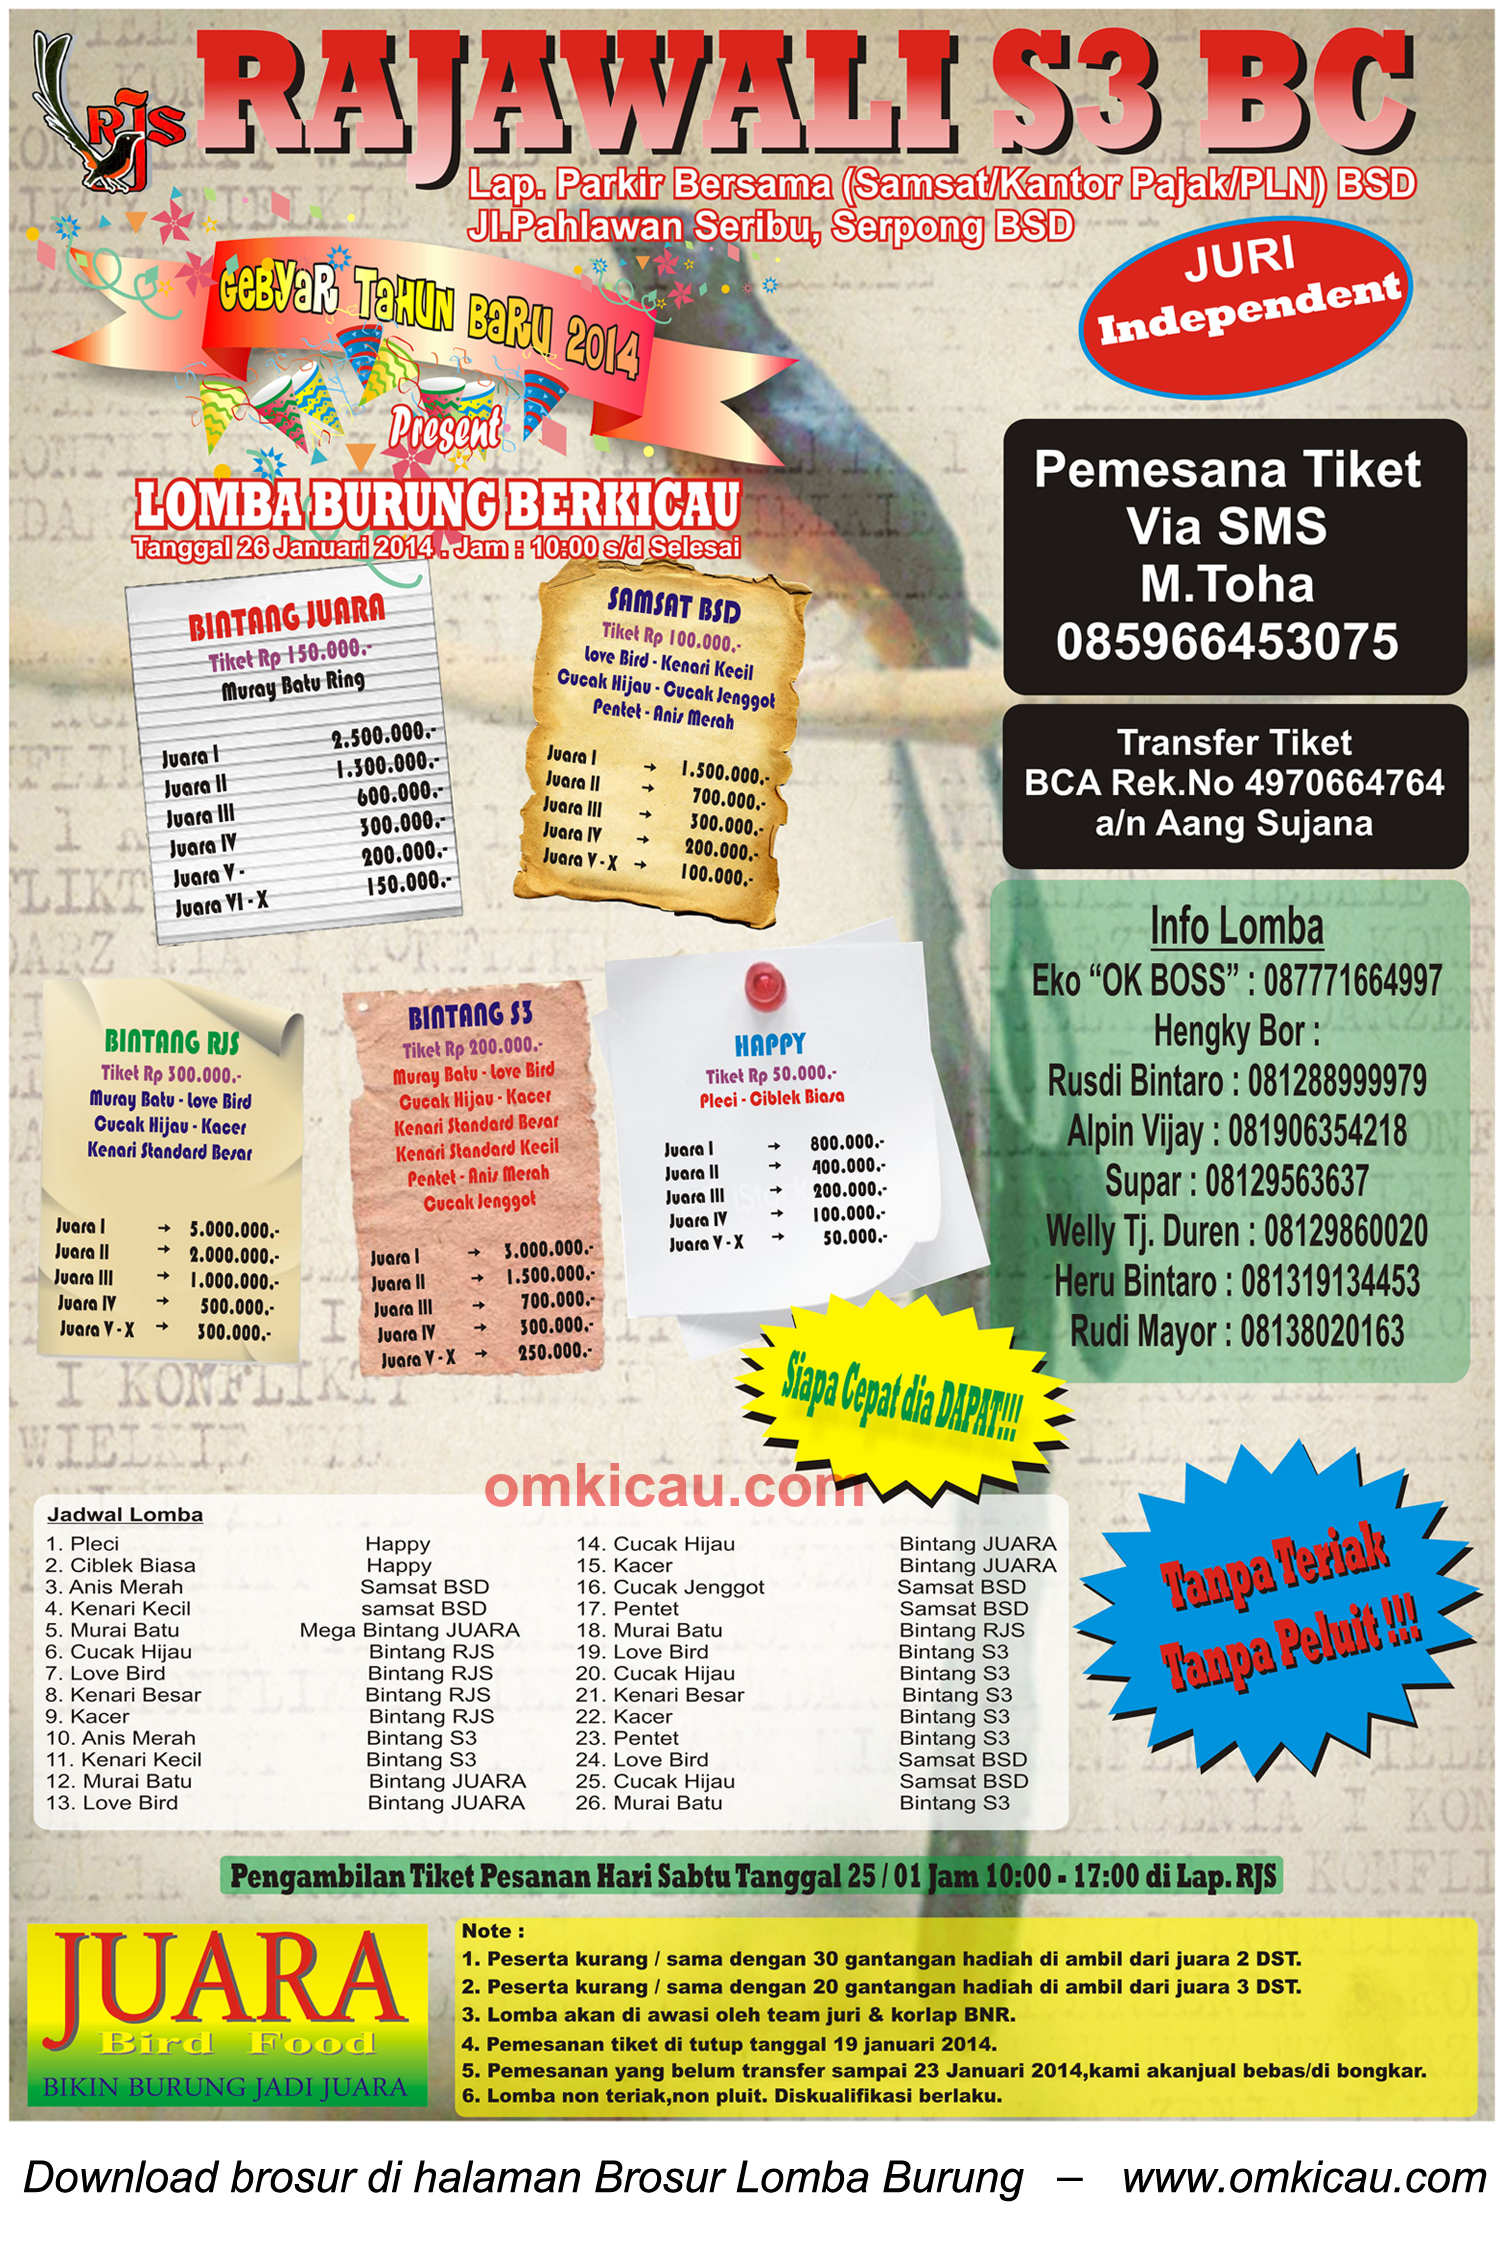 Brosur Lomba Burung Berkicau Rajawali S3 BC, BSD Tangsel, 26 Januari 2014